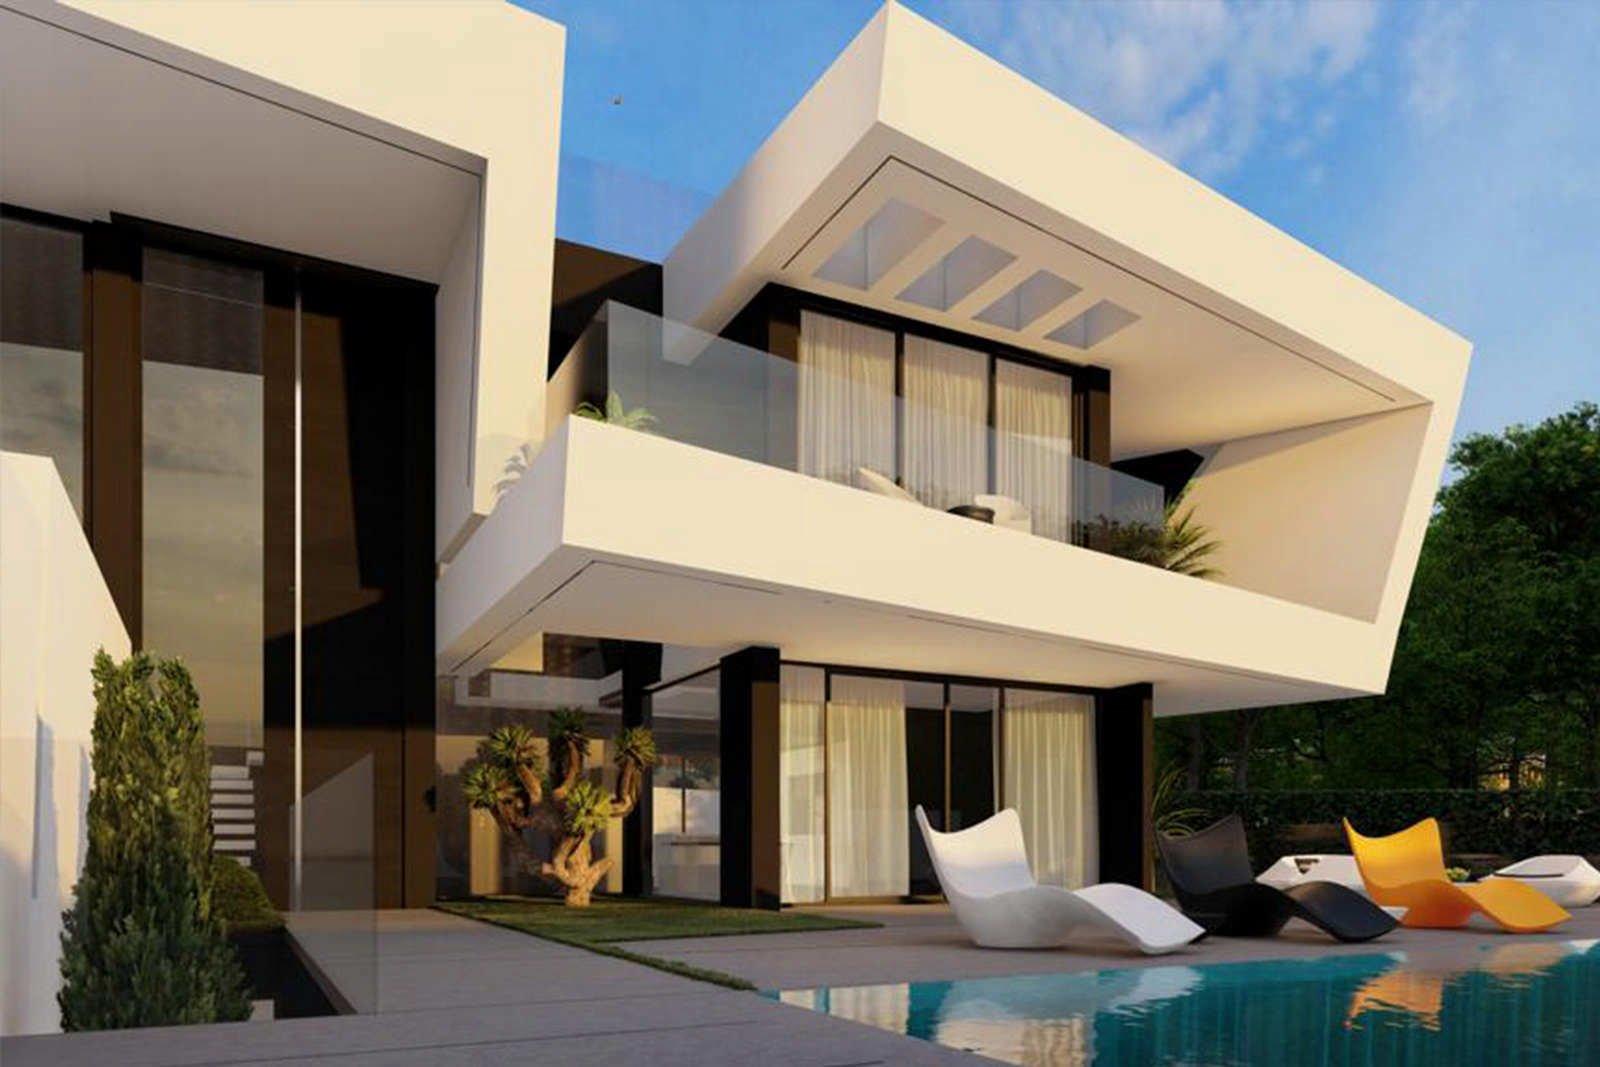 5 Bedroom Villa Vilamoura, Central Algarve Ref: PV3641